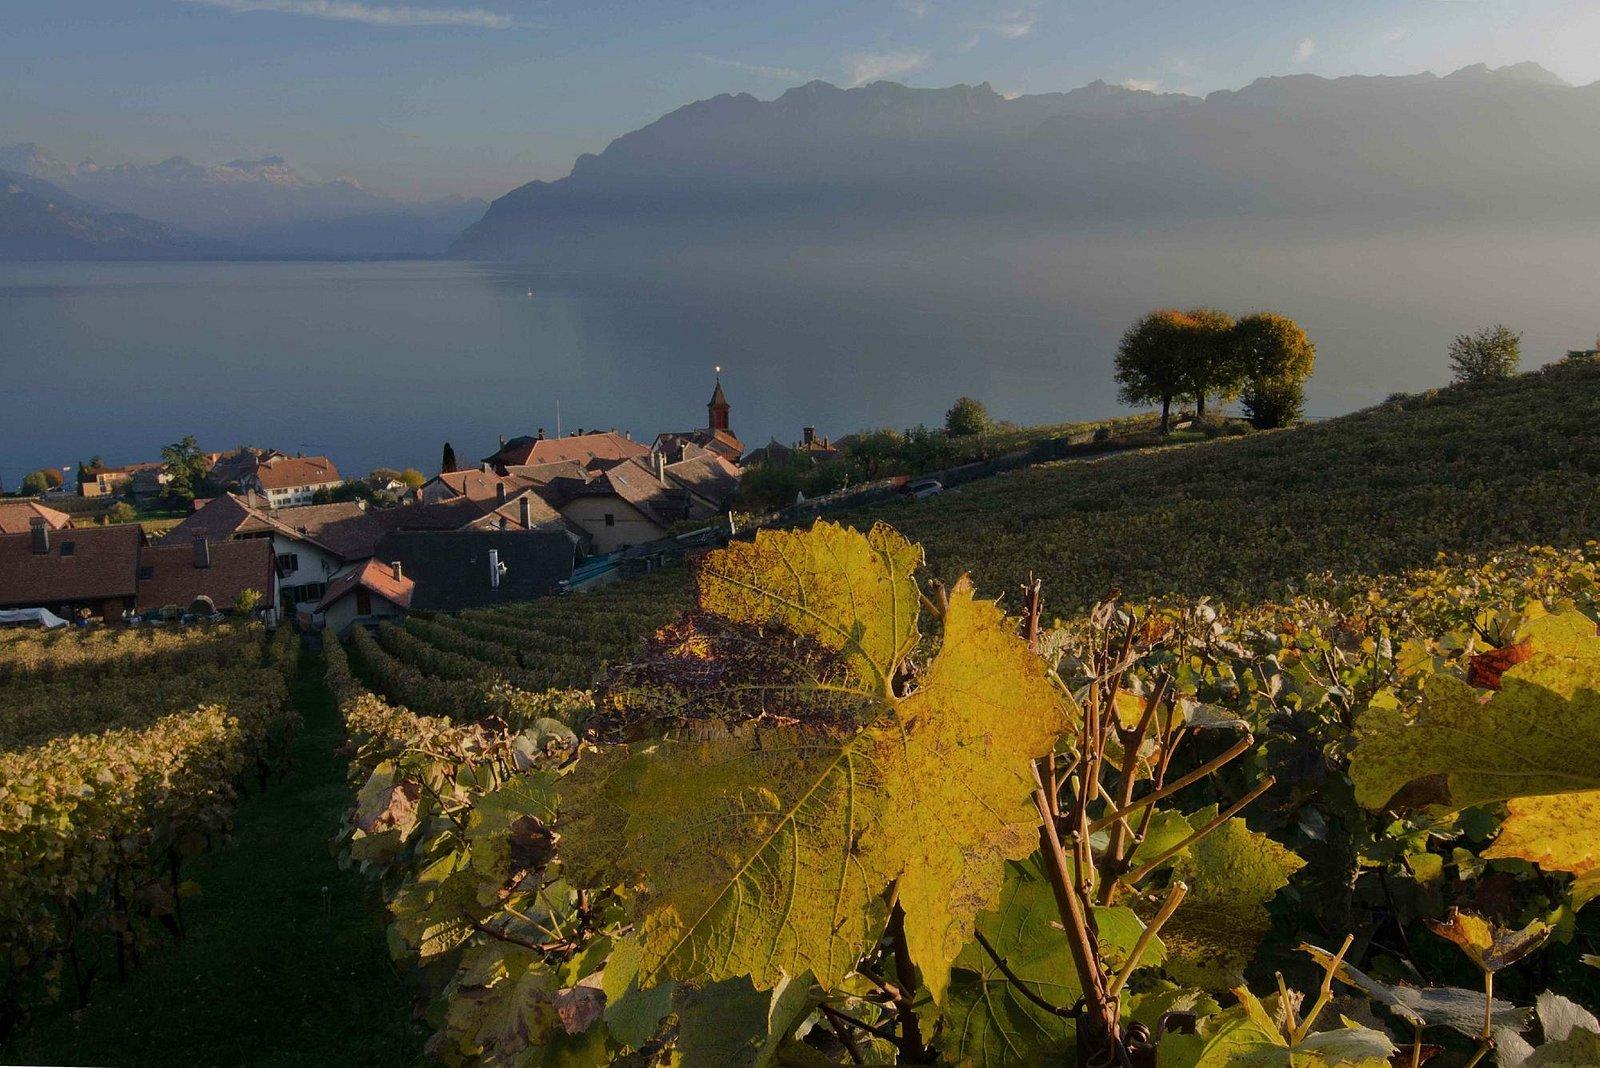 Vue du vignoble du Lavaux.